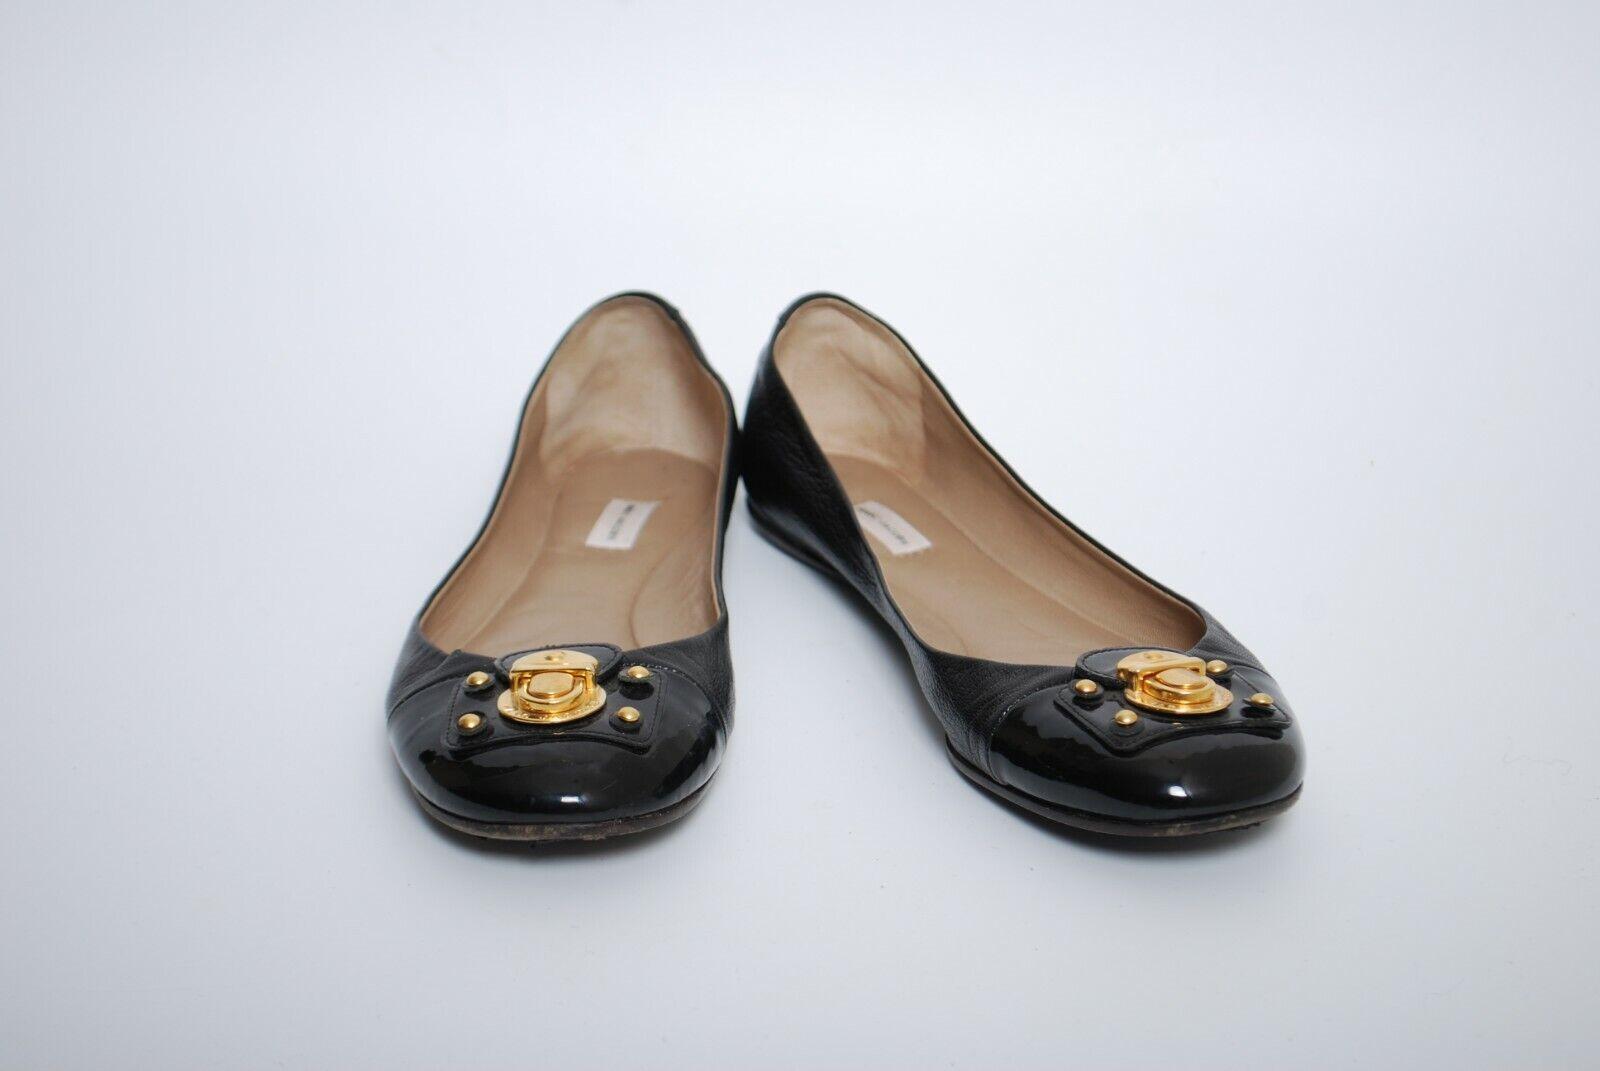 MARK JACOBS Kvinnors Slip on Round Toe Ballet Platts svart Leather Storlek 37